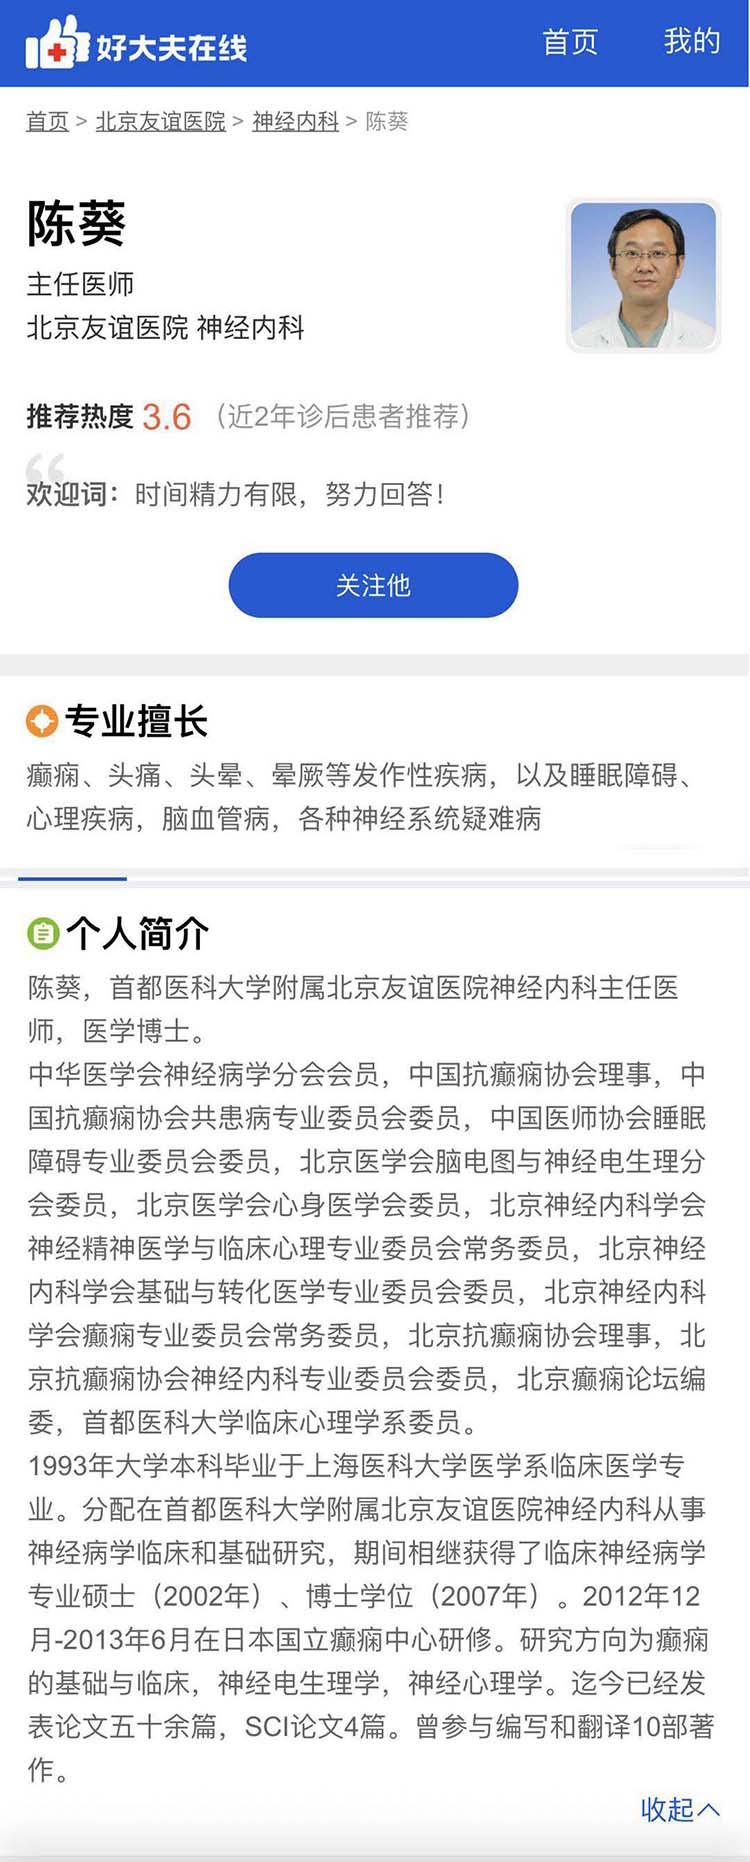 专家风采!陈葵:中国抗癫痫协会理事,与您共抗癫痫!